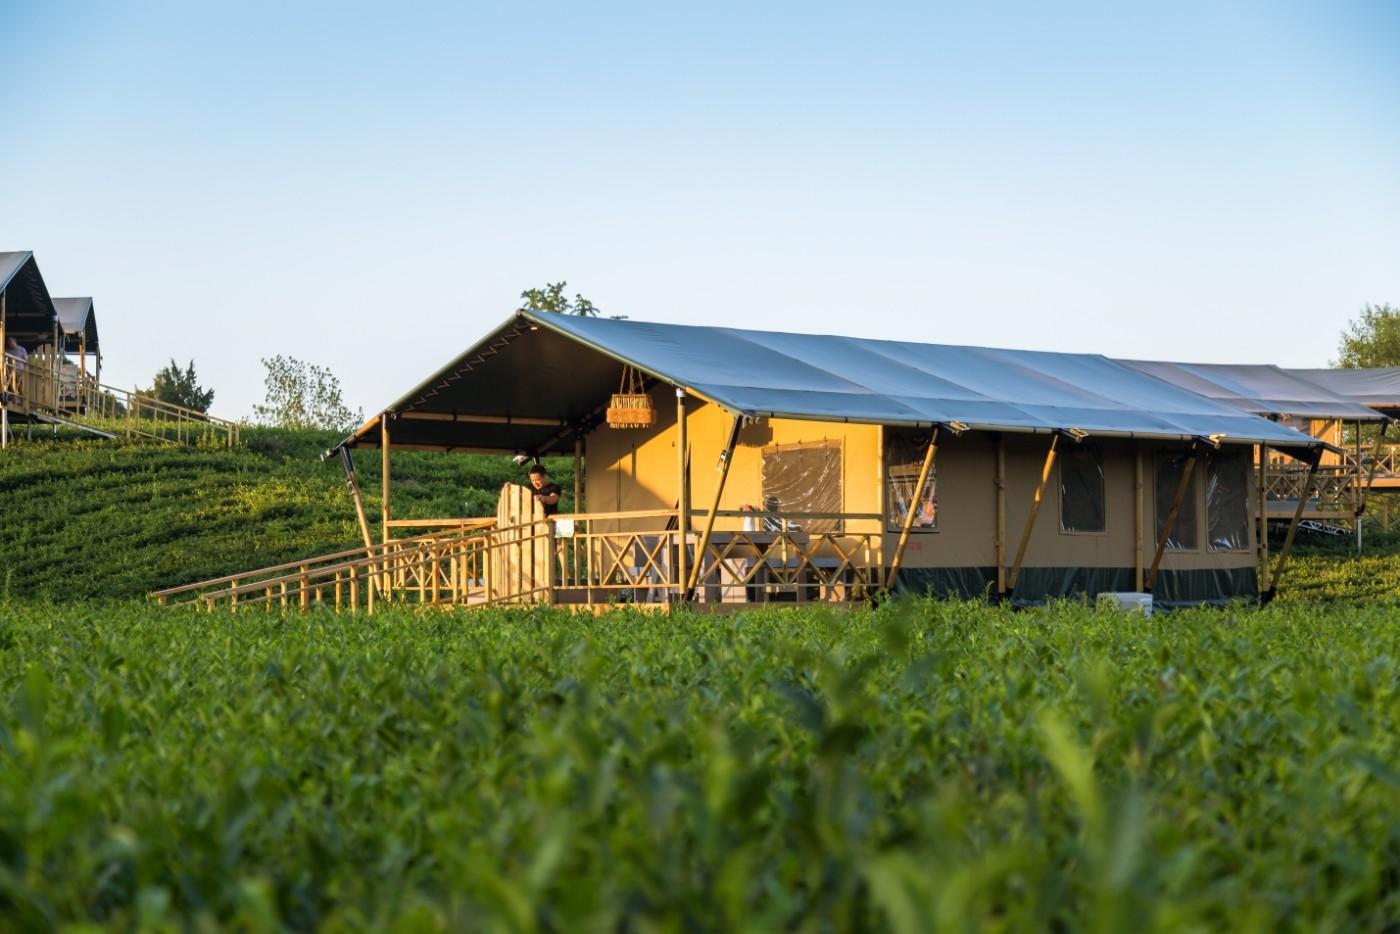 喜马拉雅野奢帐篷酒店—江苏常州茅山宝盛园茶园帐篷酒店15